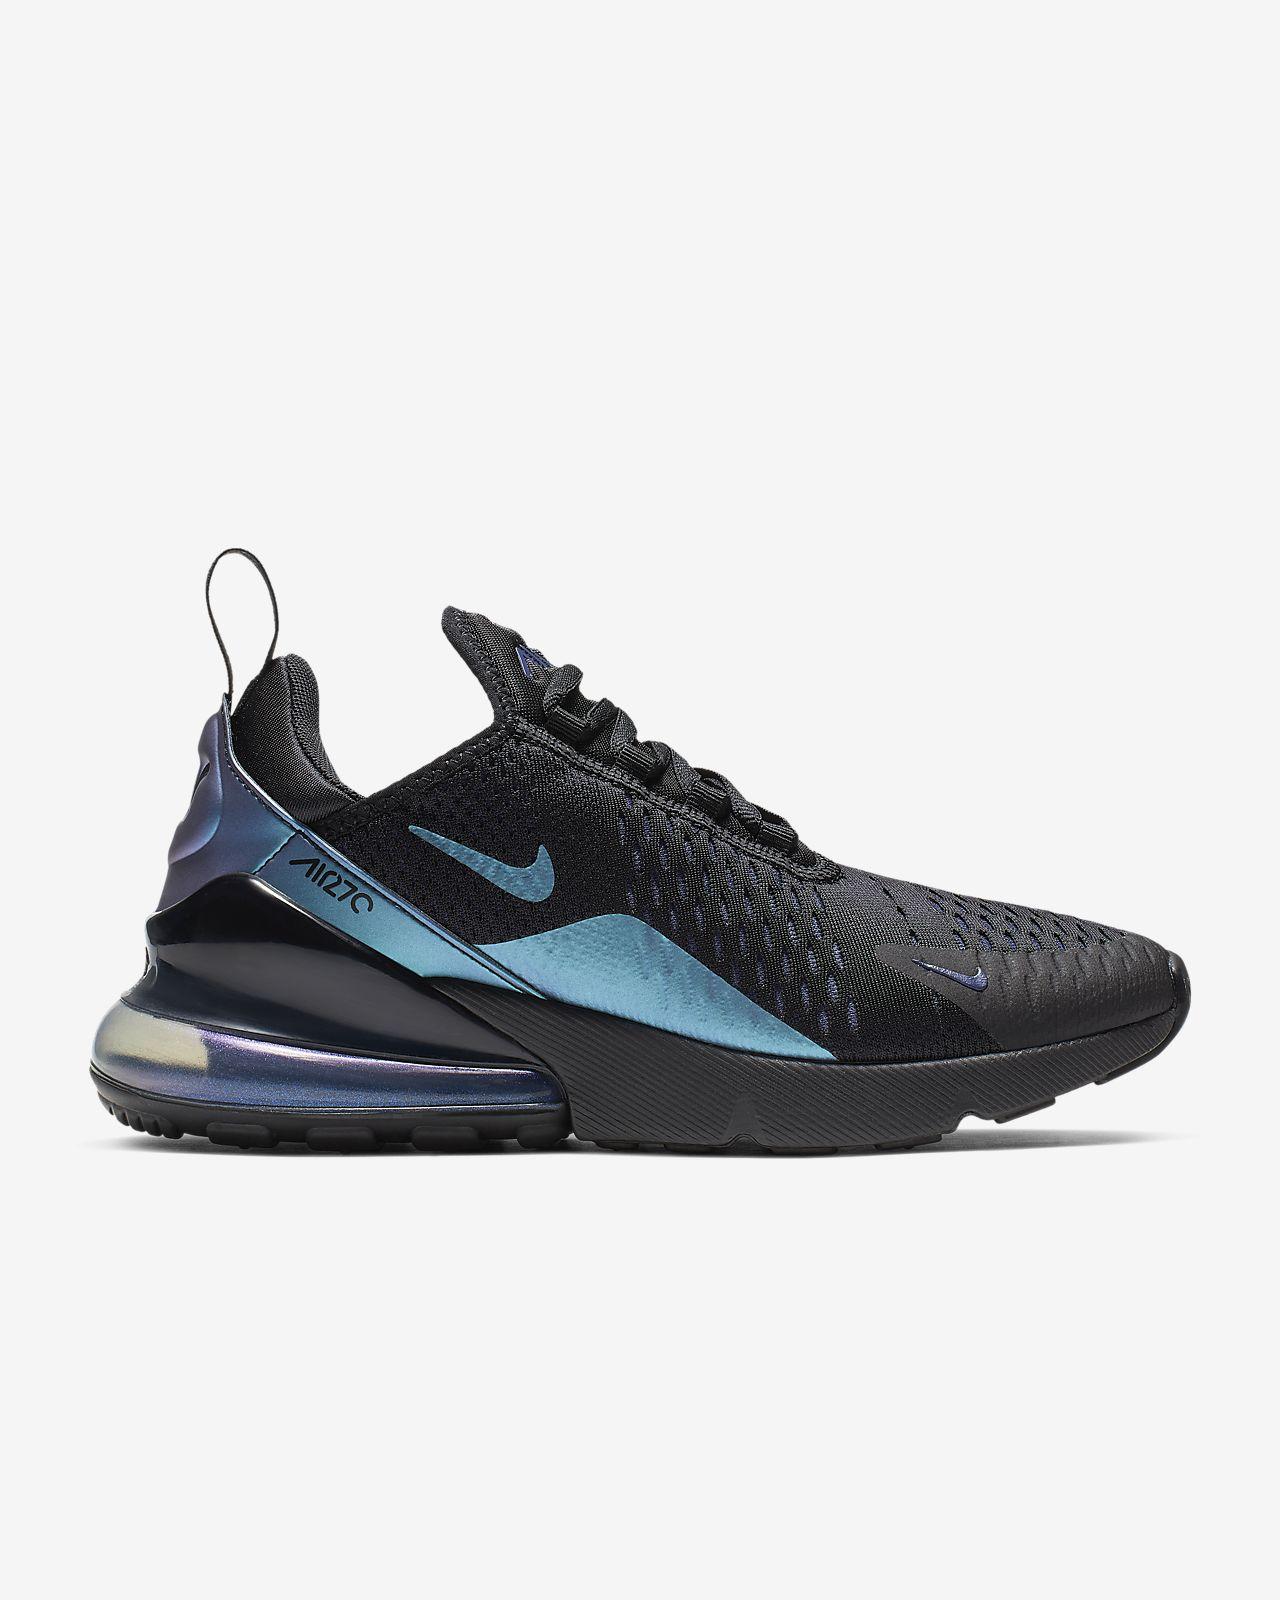 promo code c5a2a a6211 ... Sko Nike Air Max 270 för kvinnor